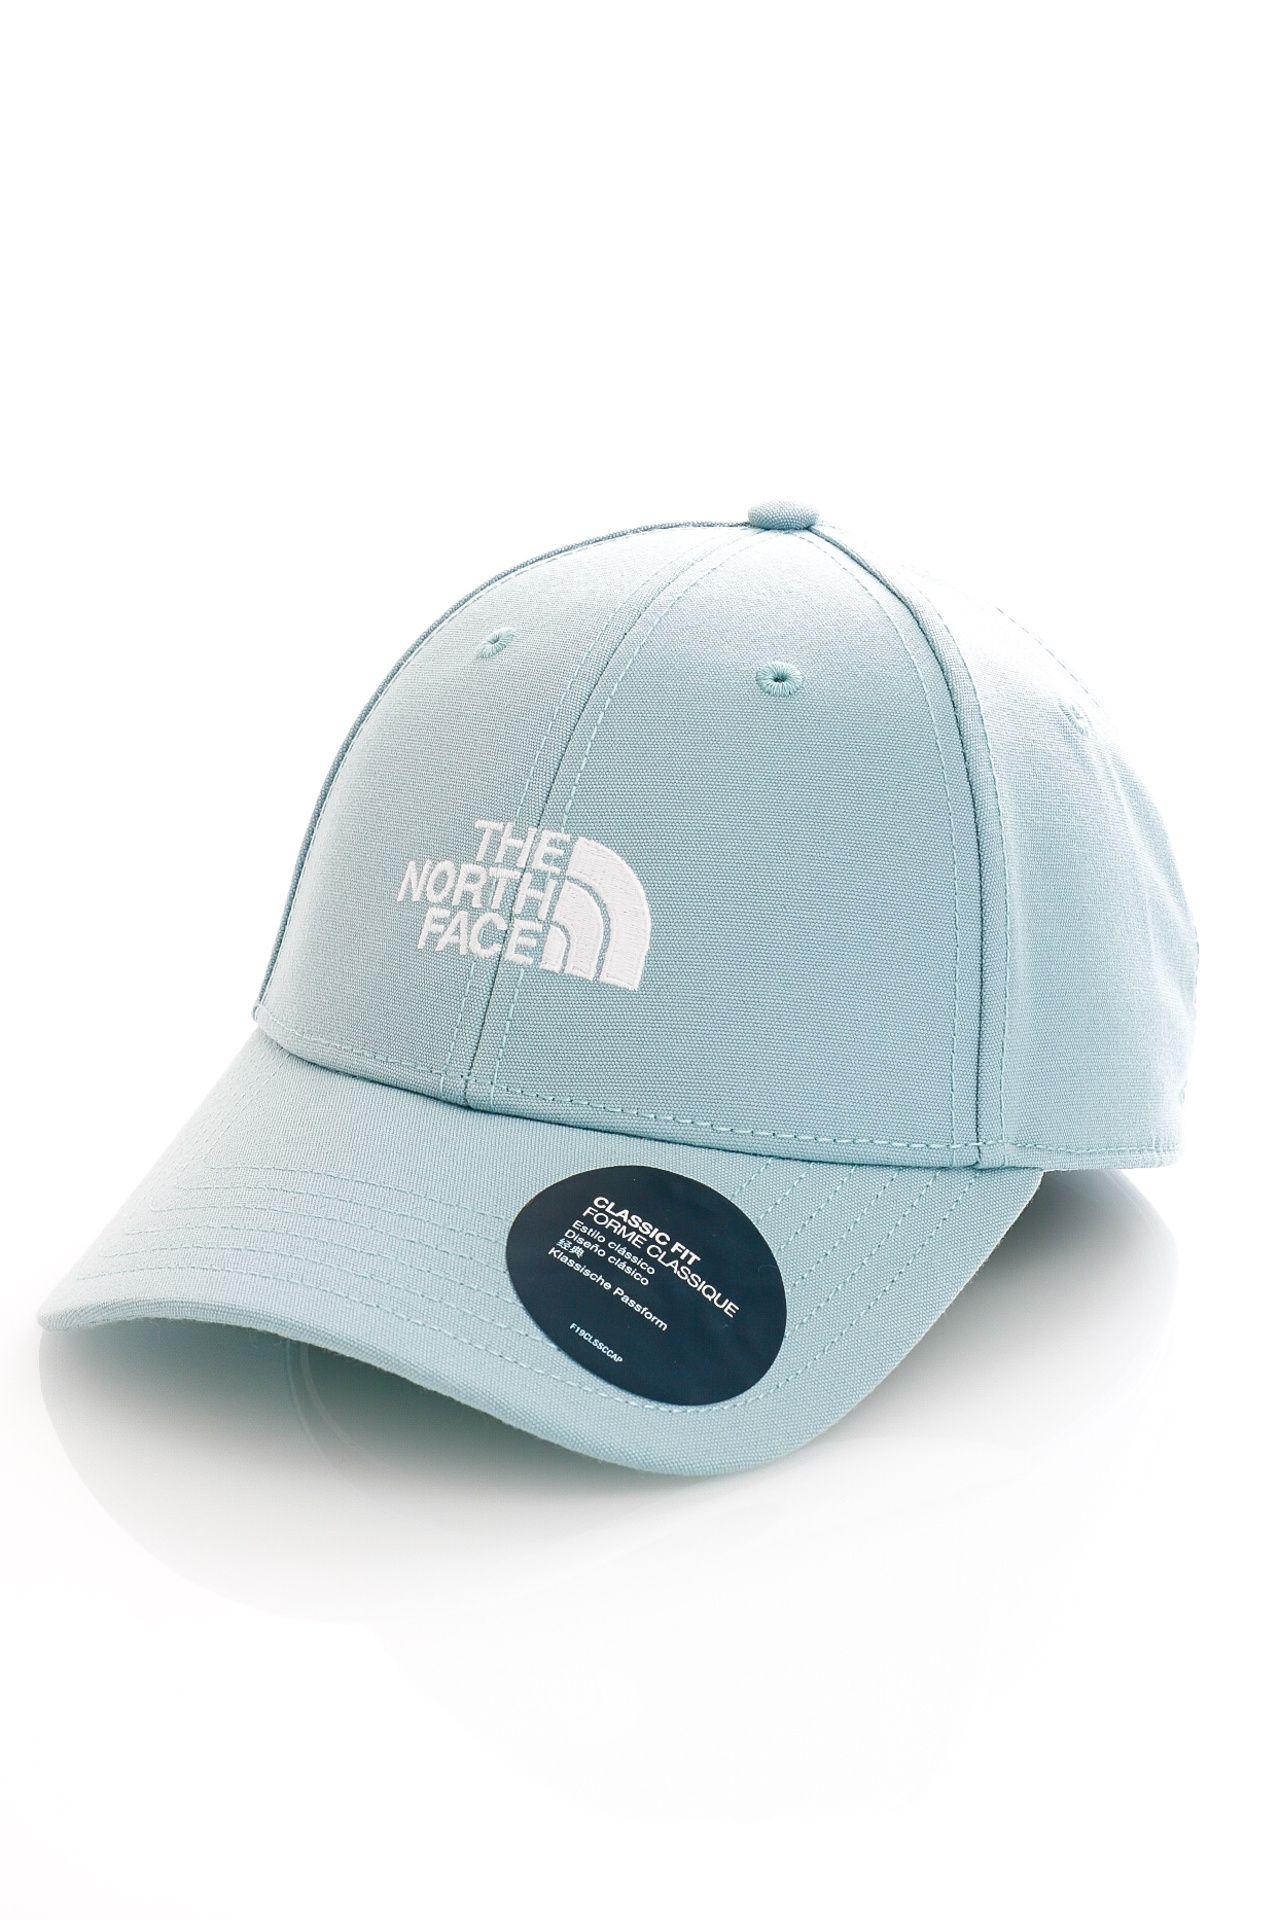 Afbeelding van The North Face Dad Cap RCYD 66 CLASSIC CAP Tourmaline Blue NF0A4VSVBDT1